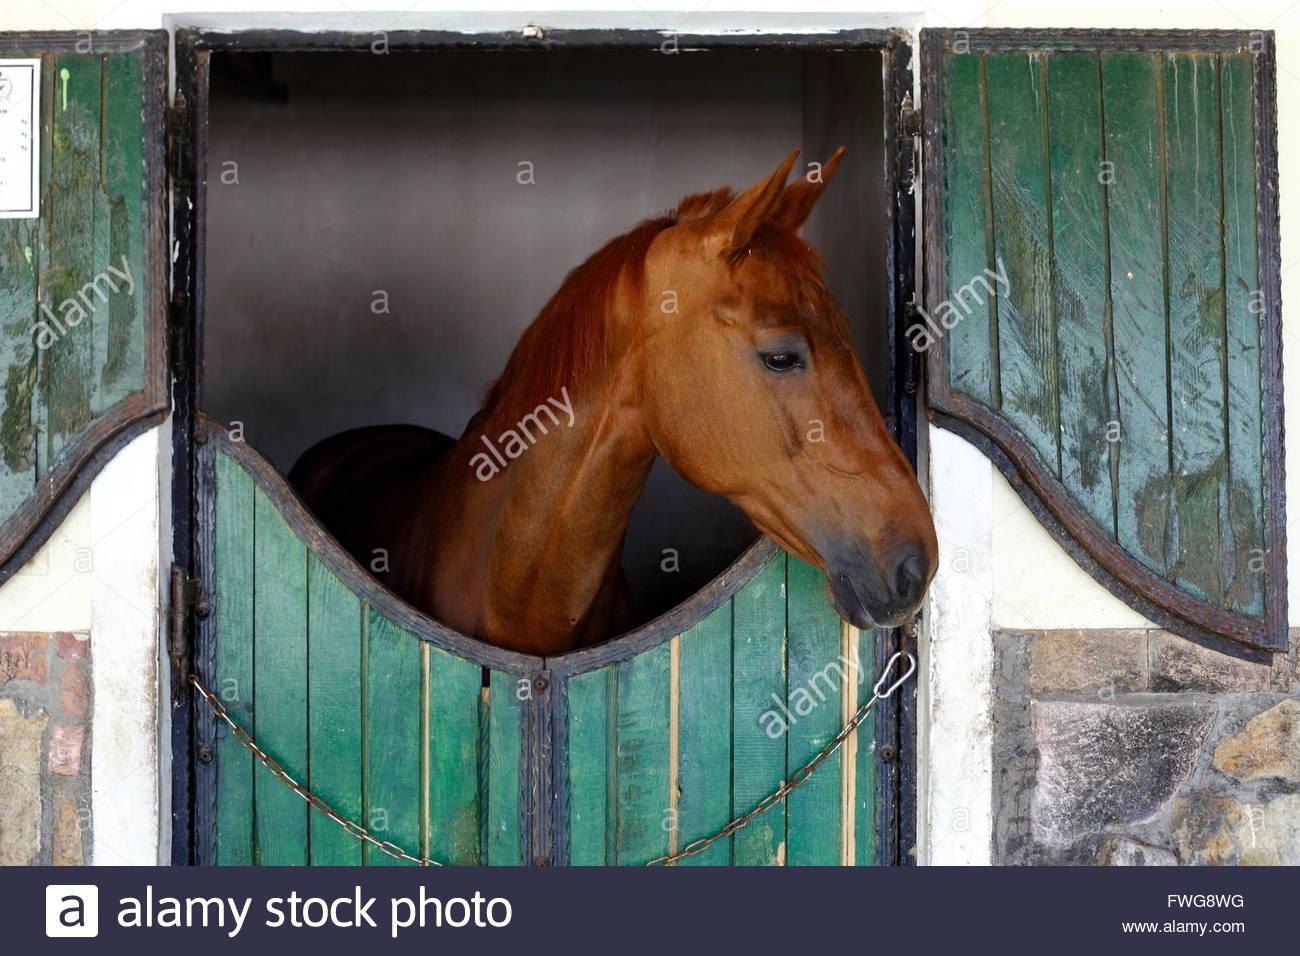 A la luz del día planes fotografiado cerca retrato de carreras de caballos Imagen De Stock